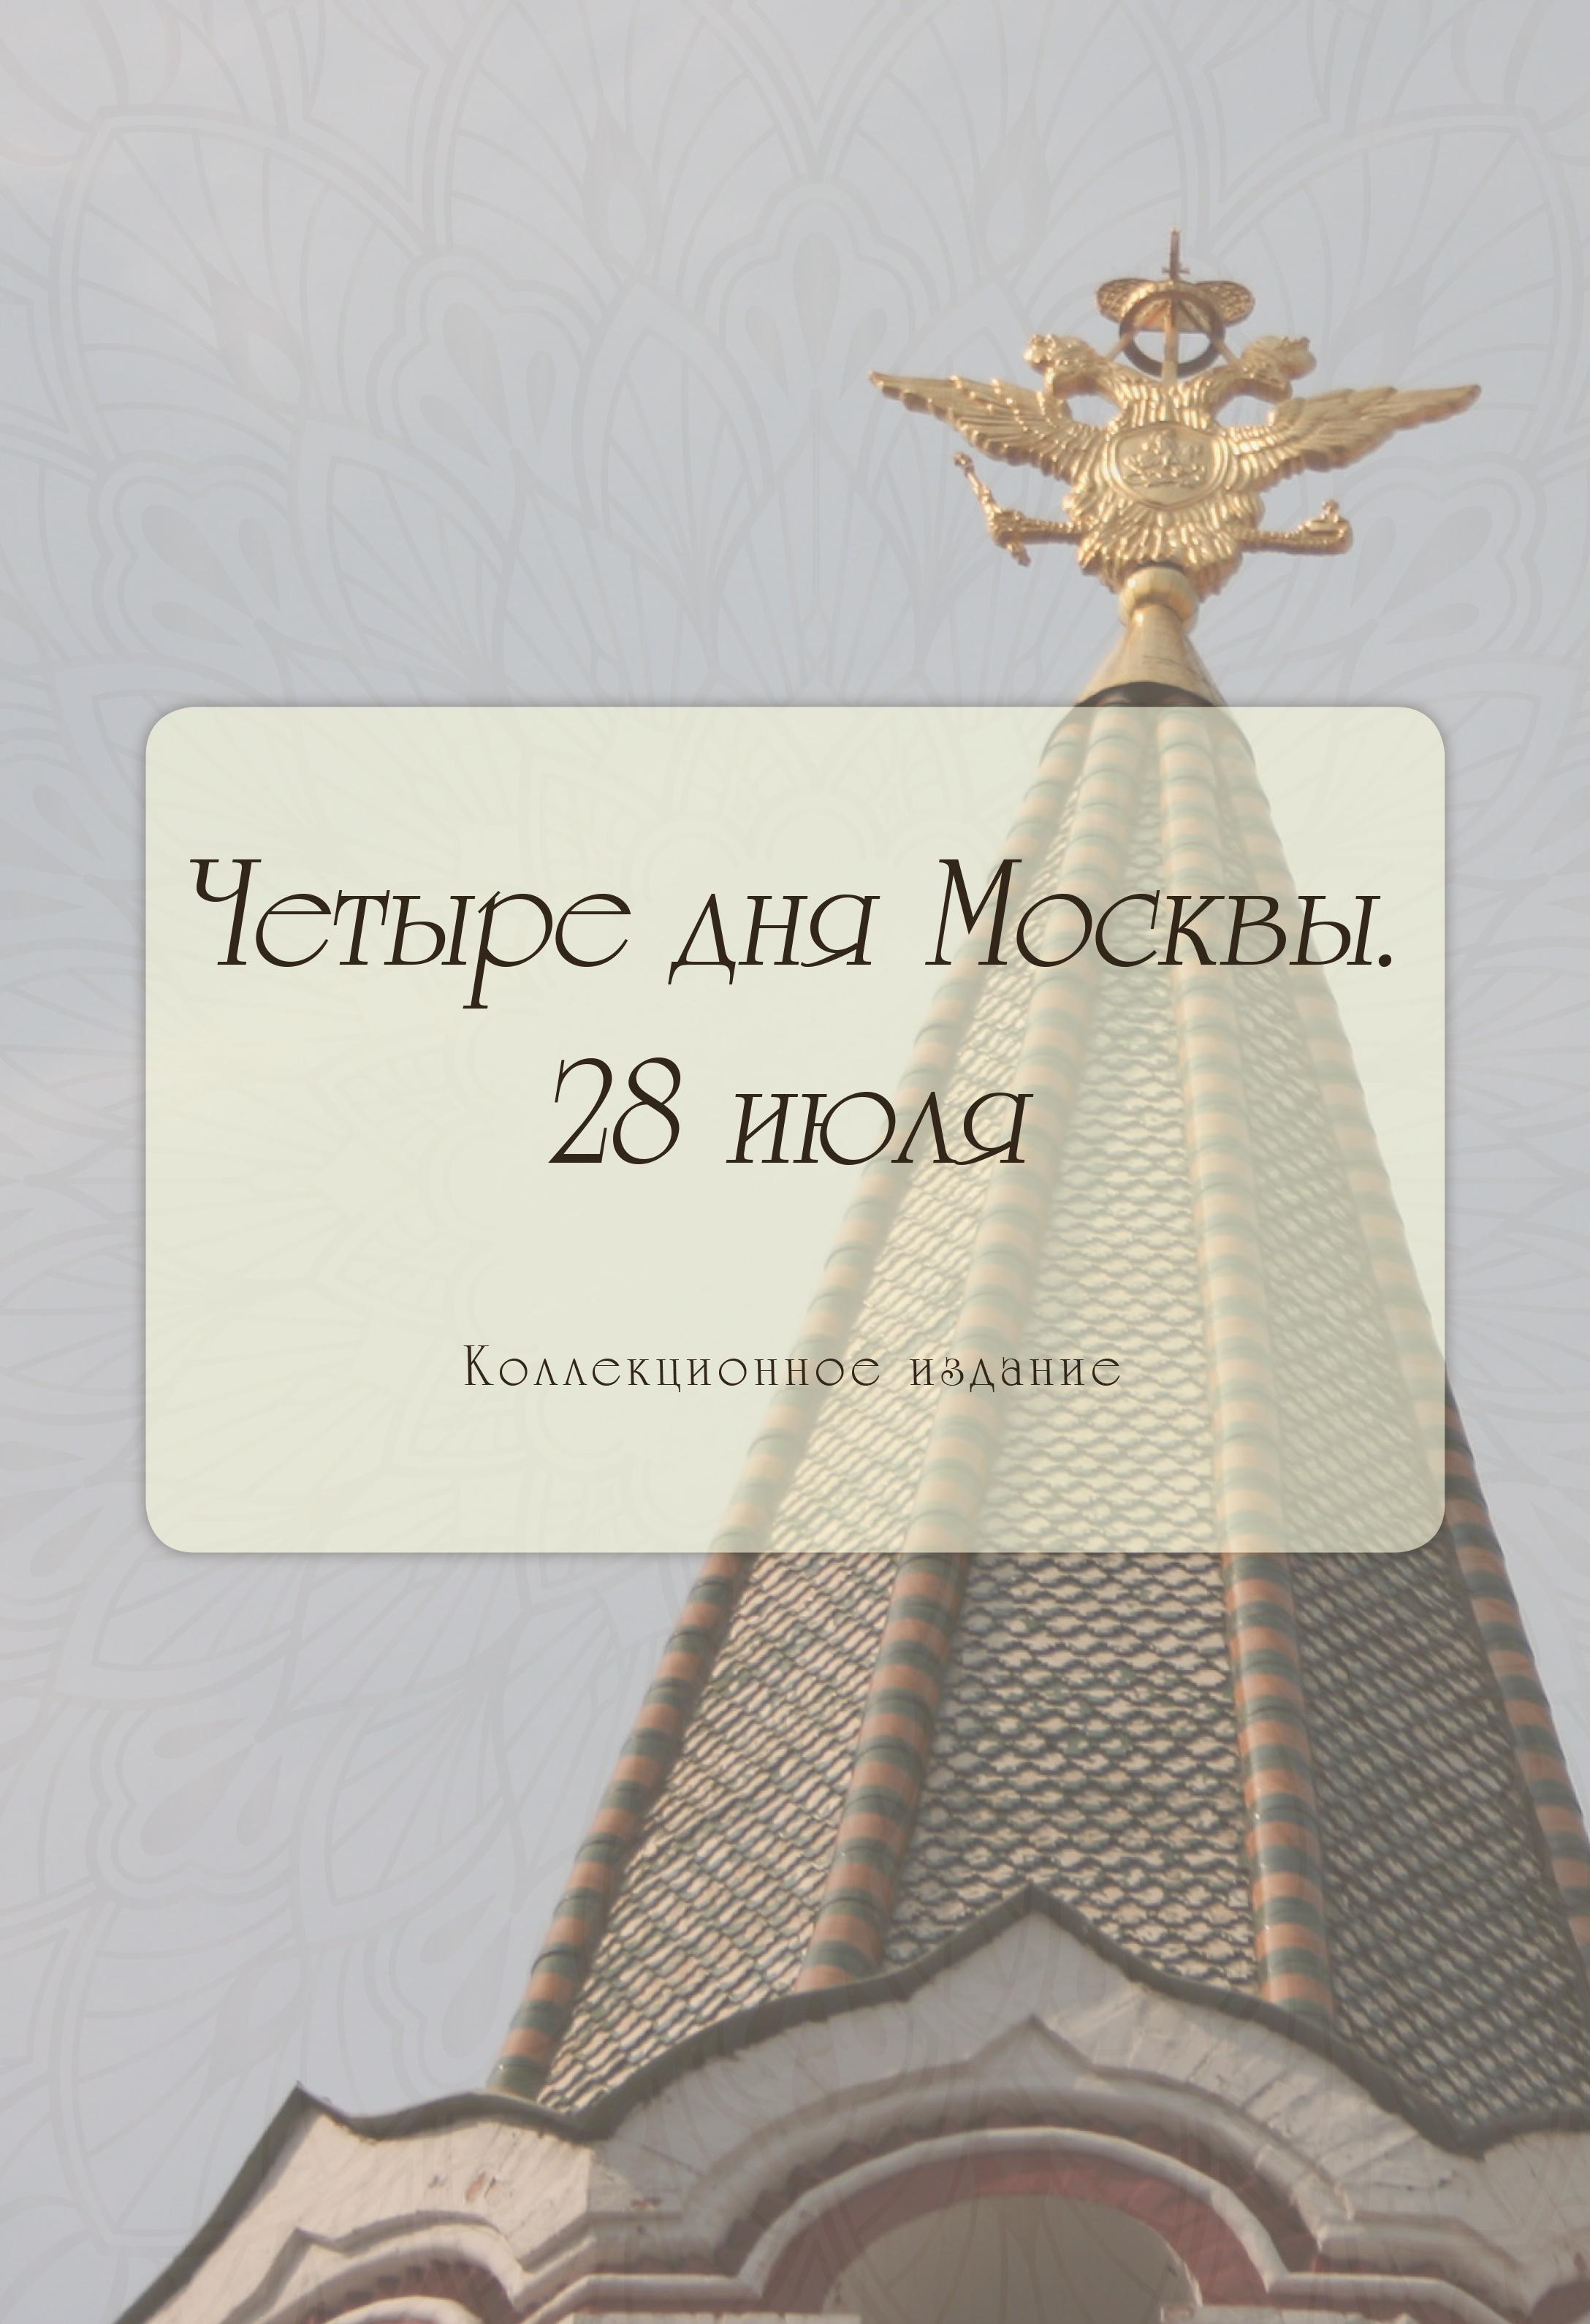 Купить книгу Четыре дня Москвы. 28 июля, автора Ю. П. Селуянова